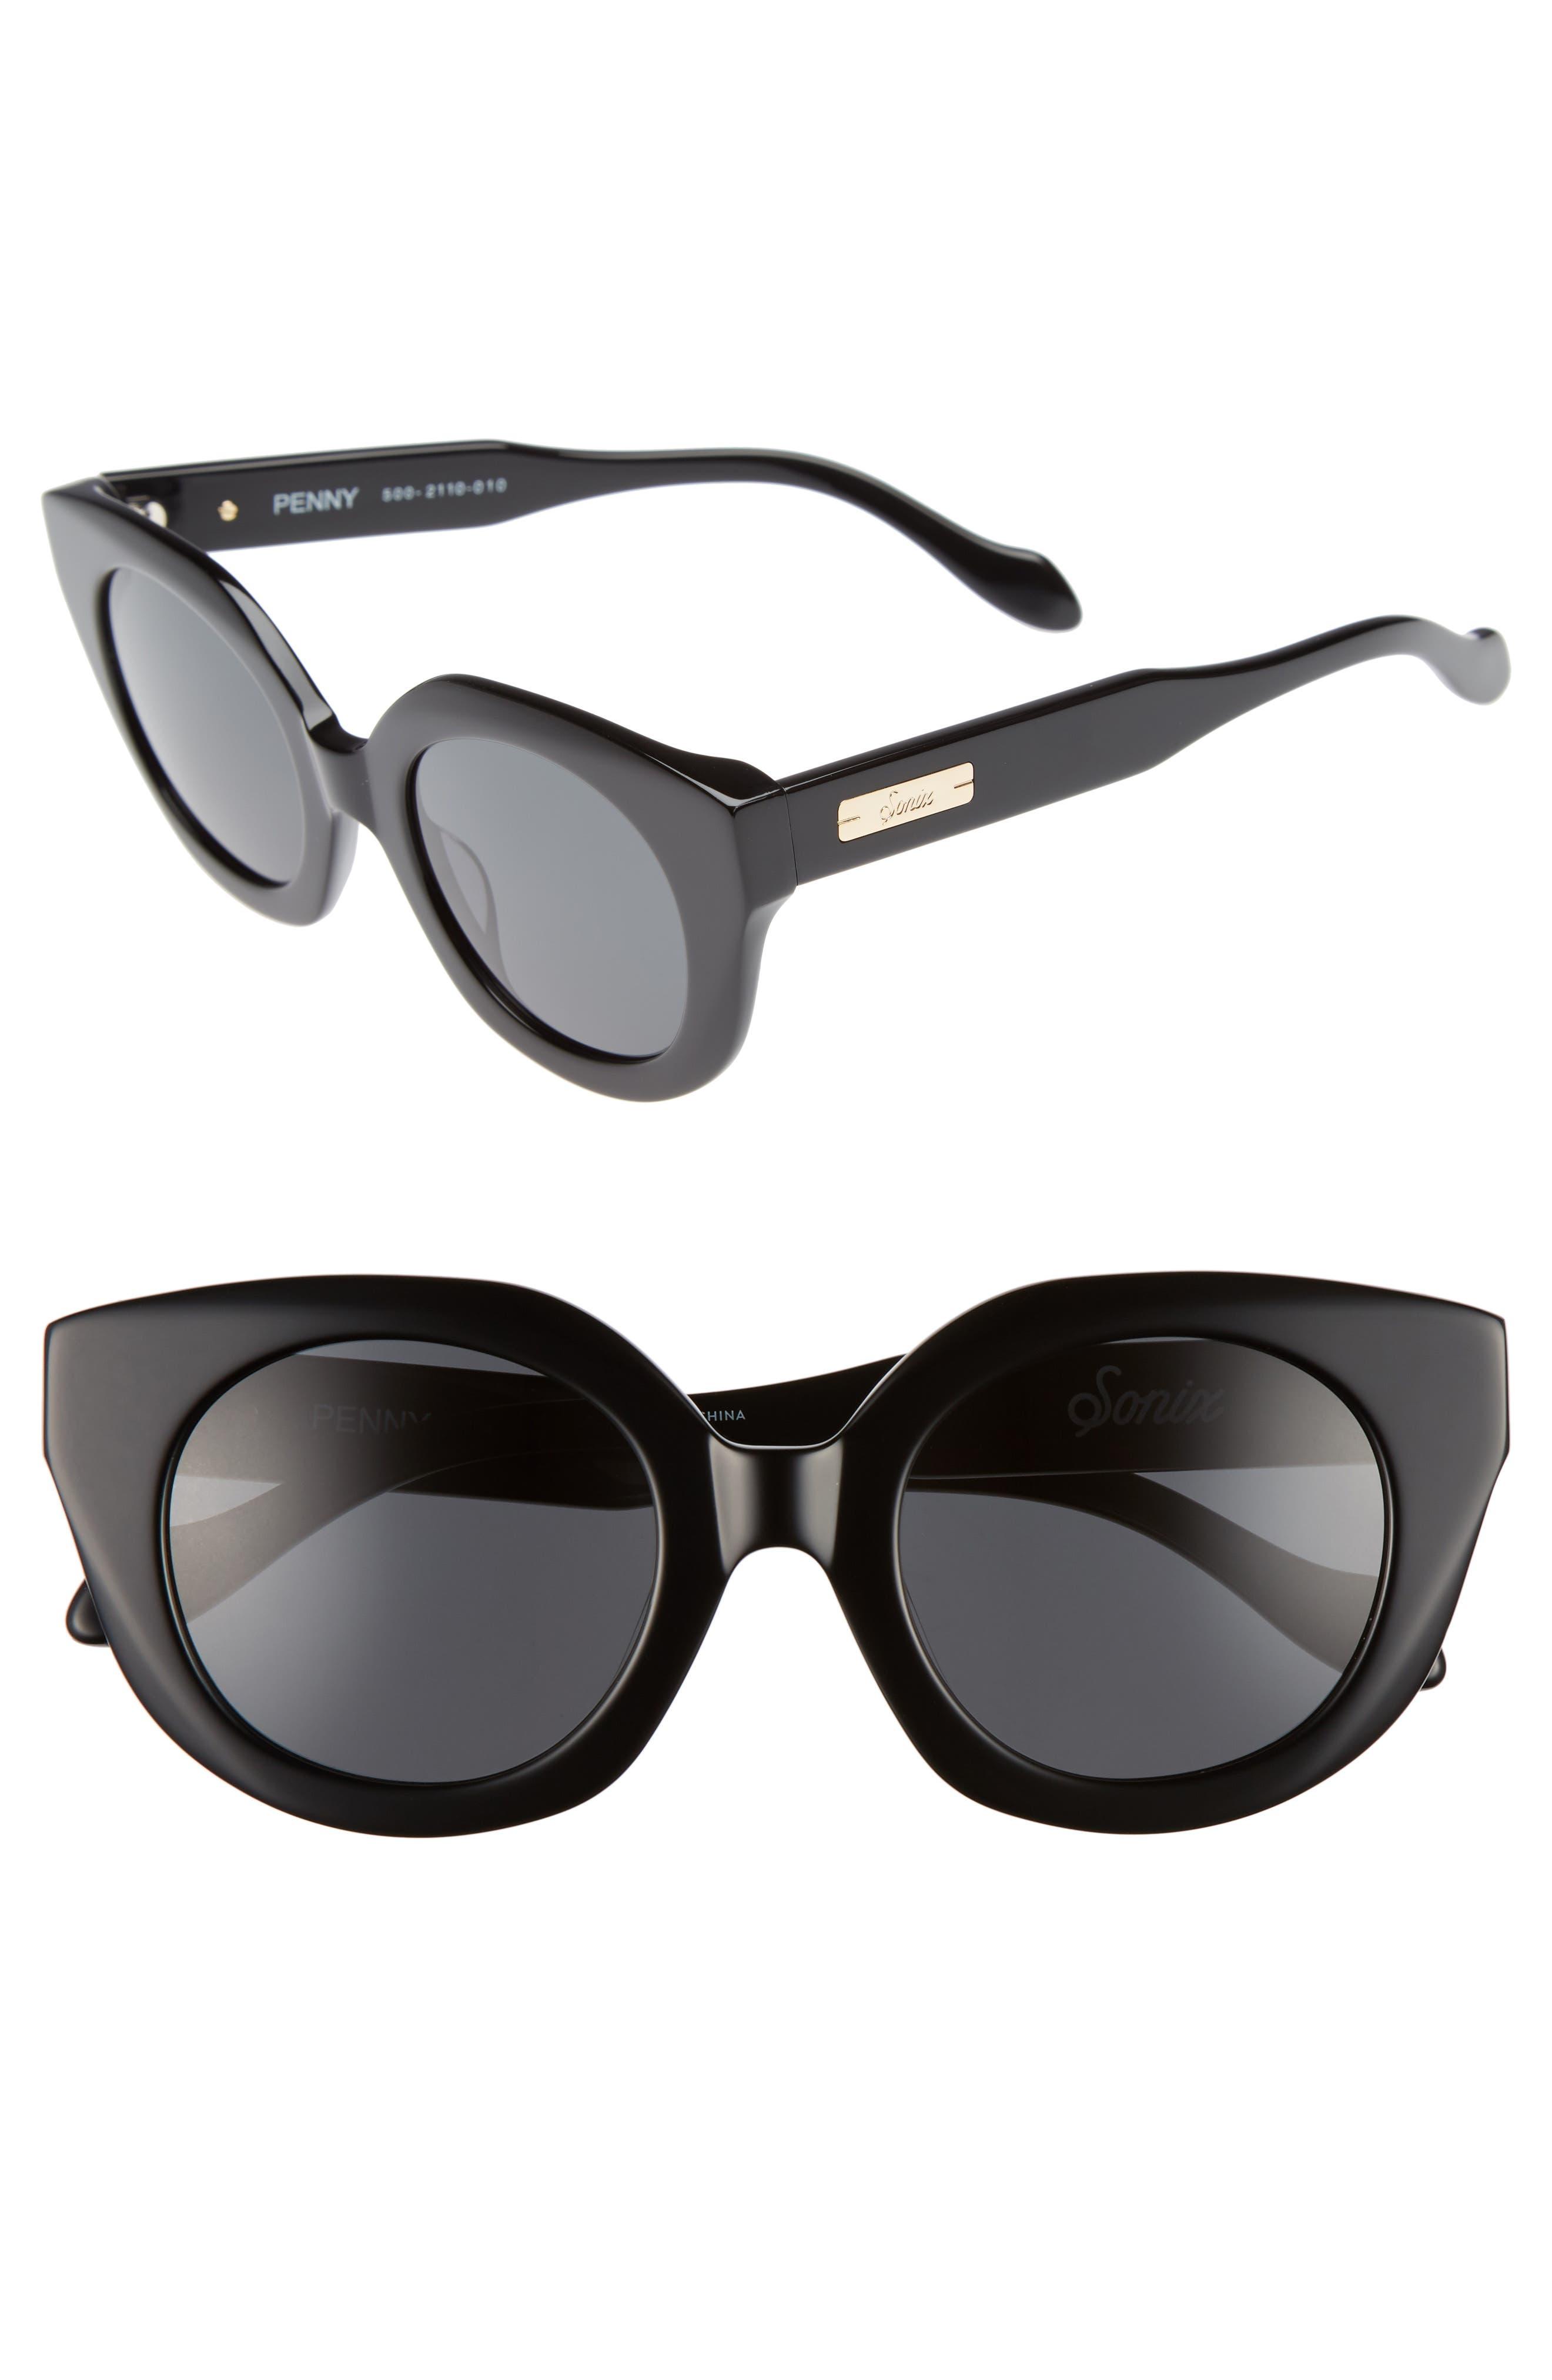 Sonix Penny 48mm Cat Eye Sunglasses